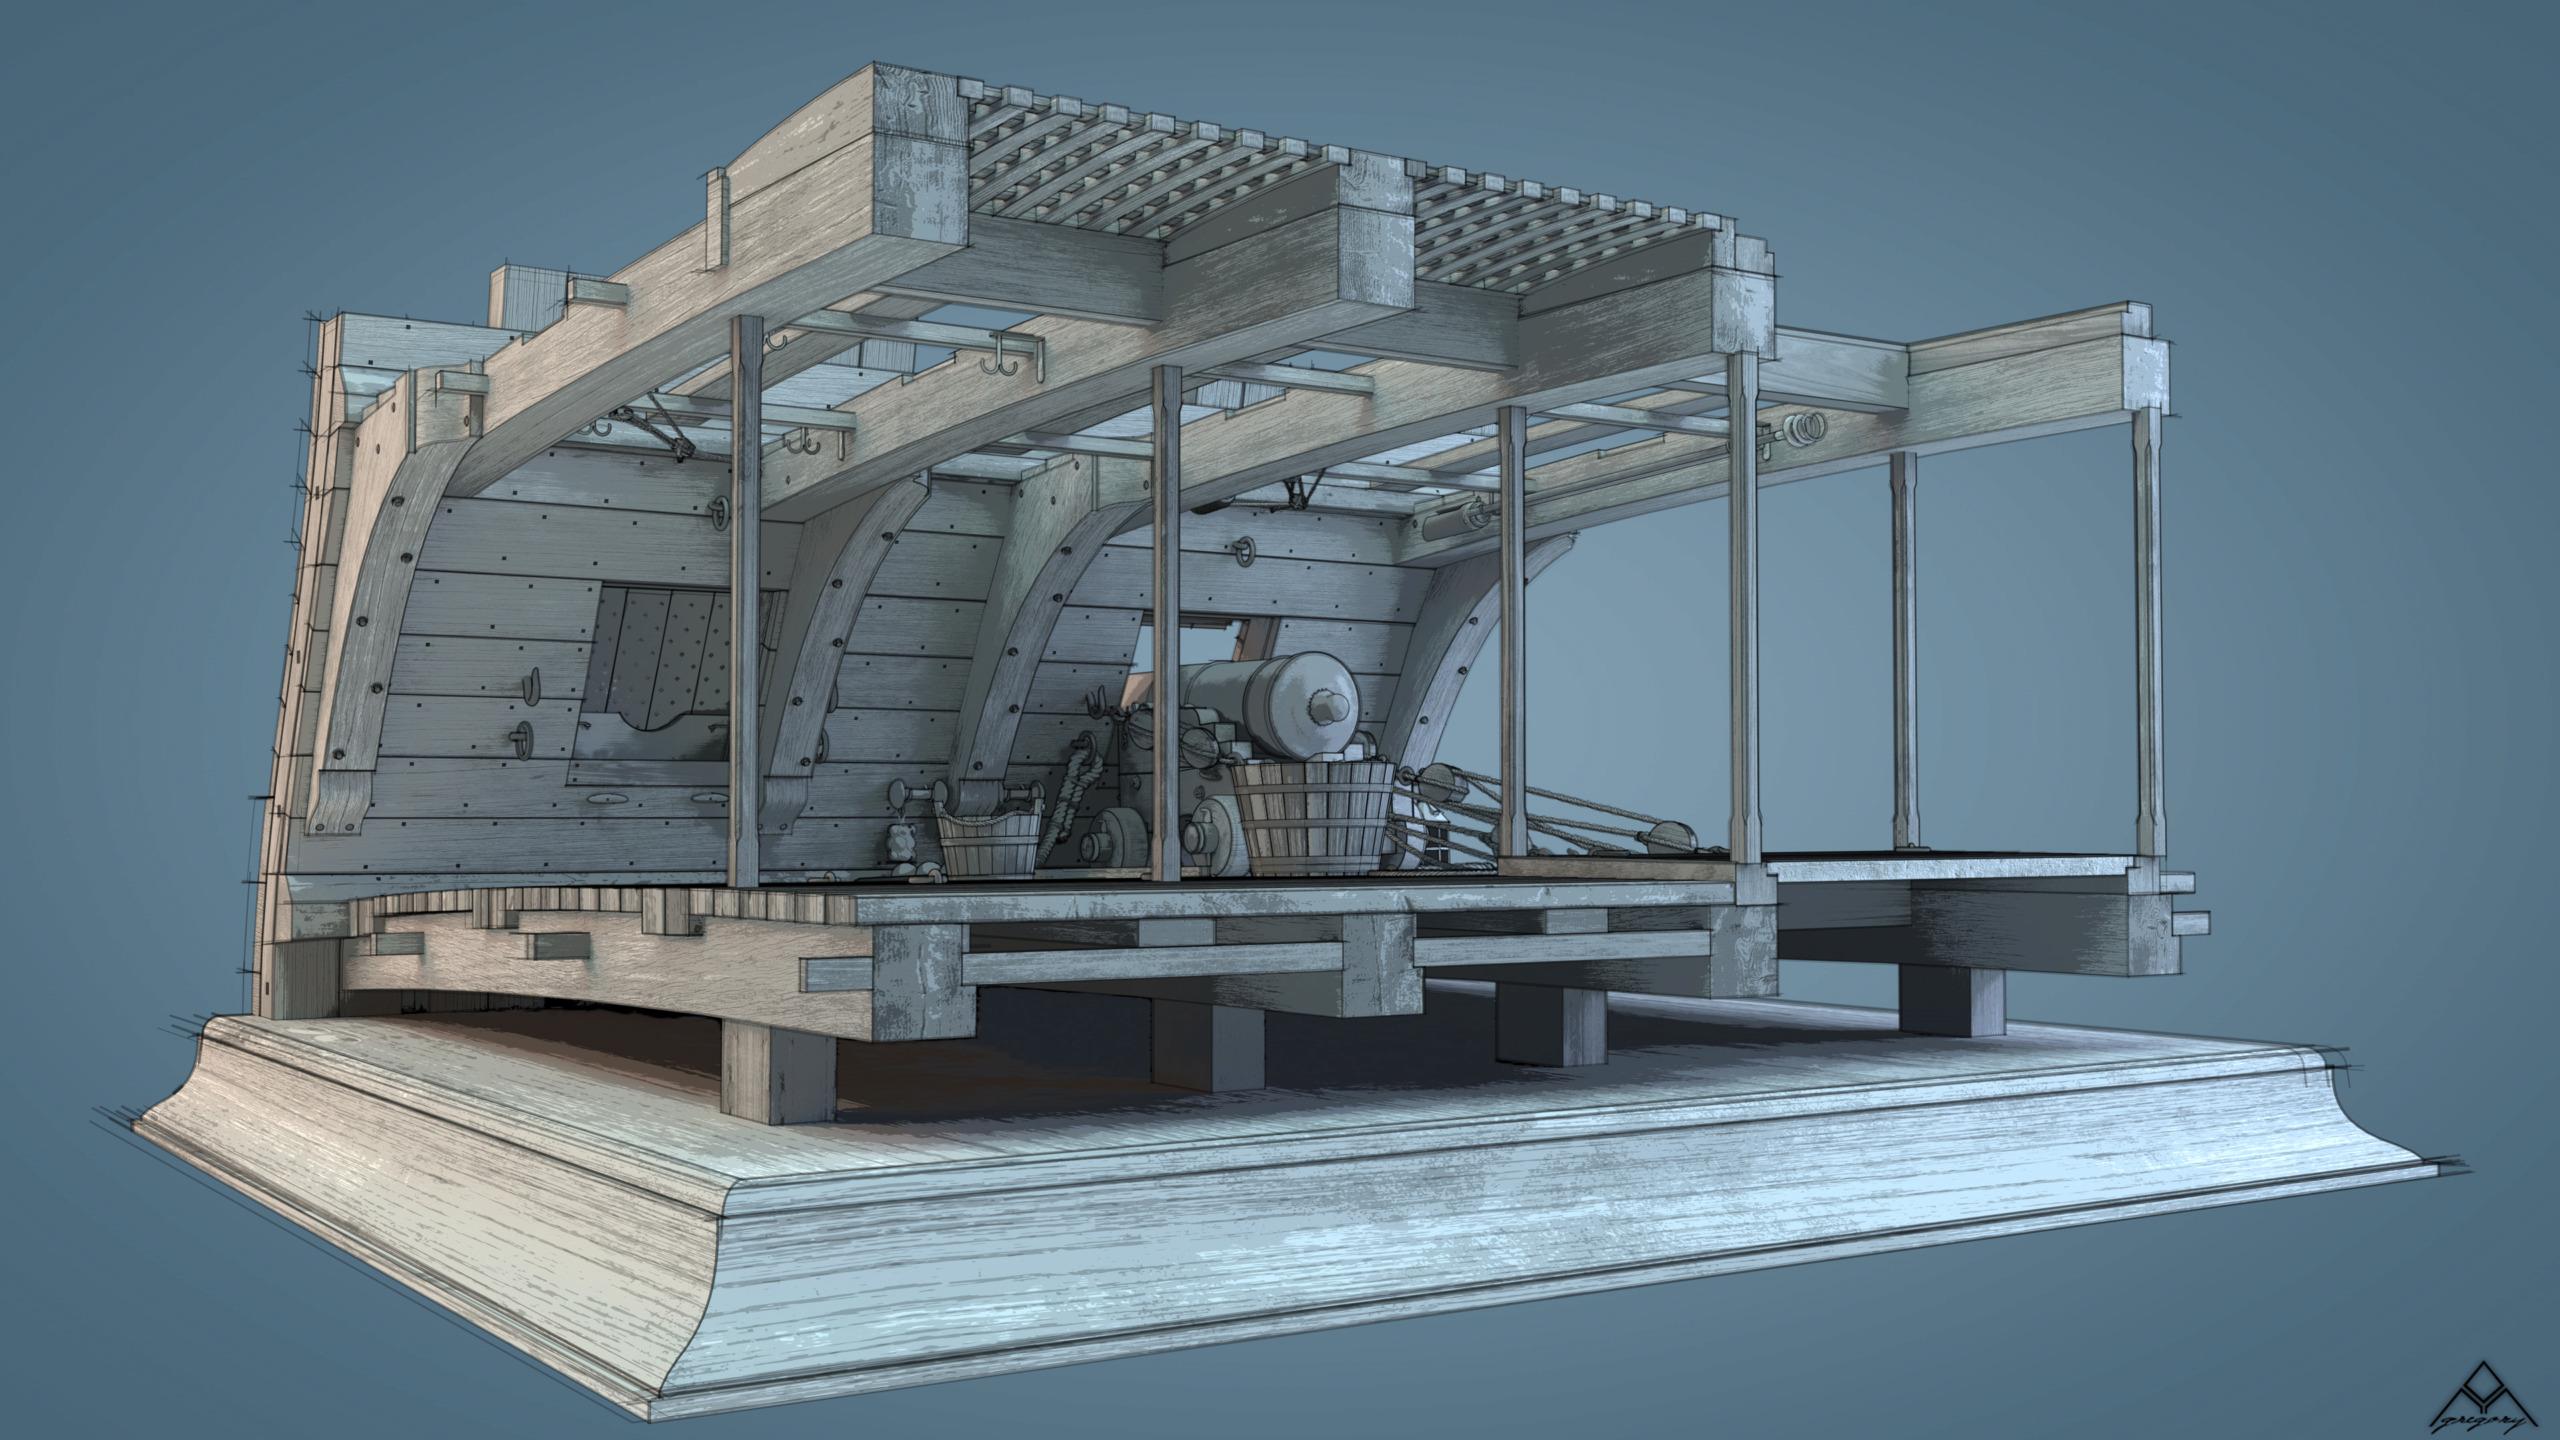 Canons de vaisseau 74 canons (Création 3D) par Greg_3D - Page 9 Rendu117